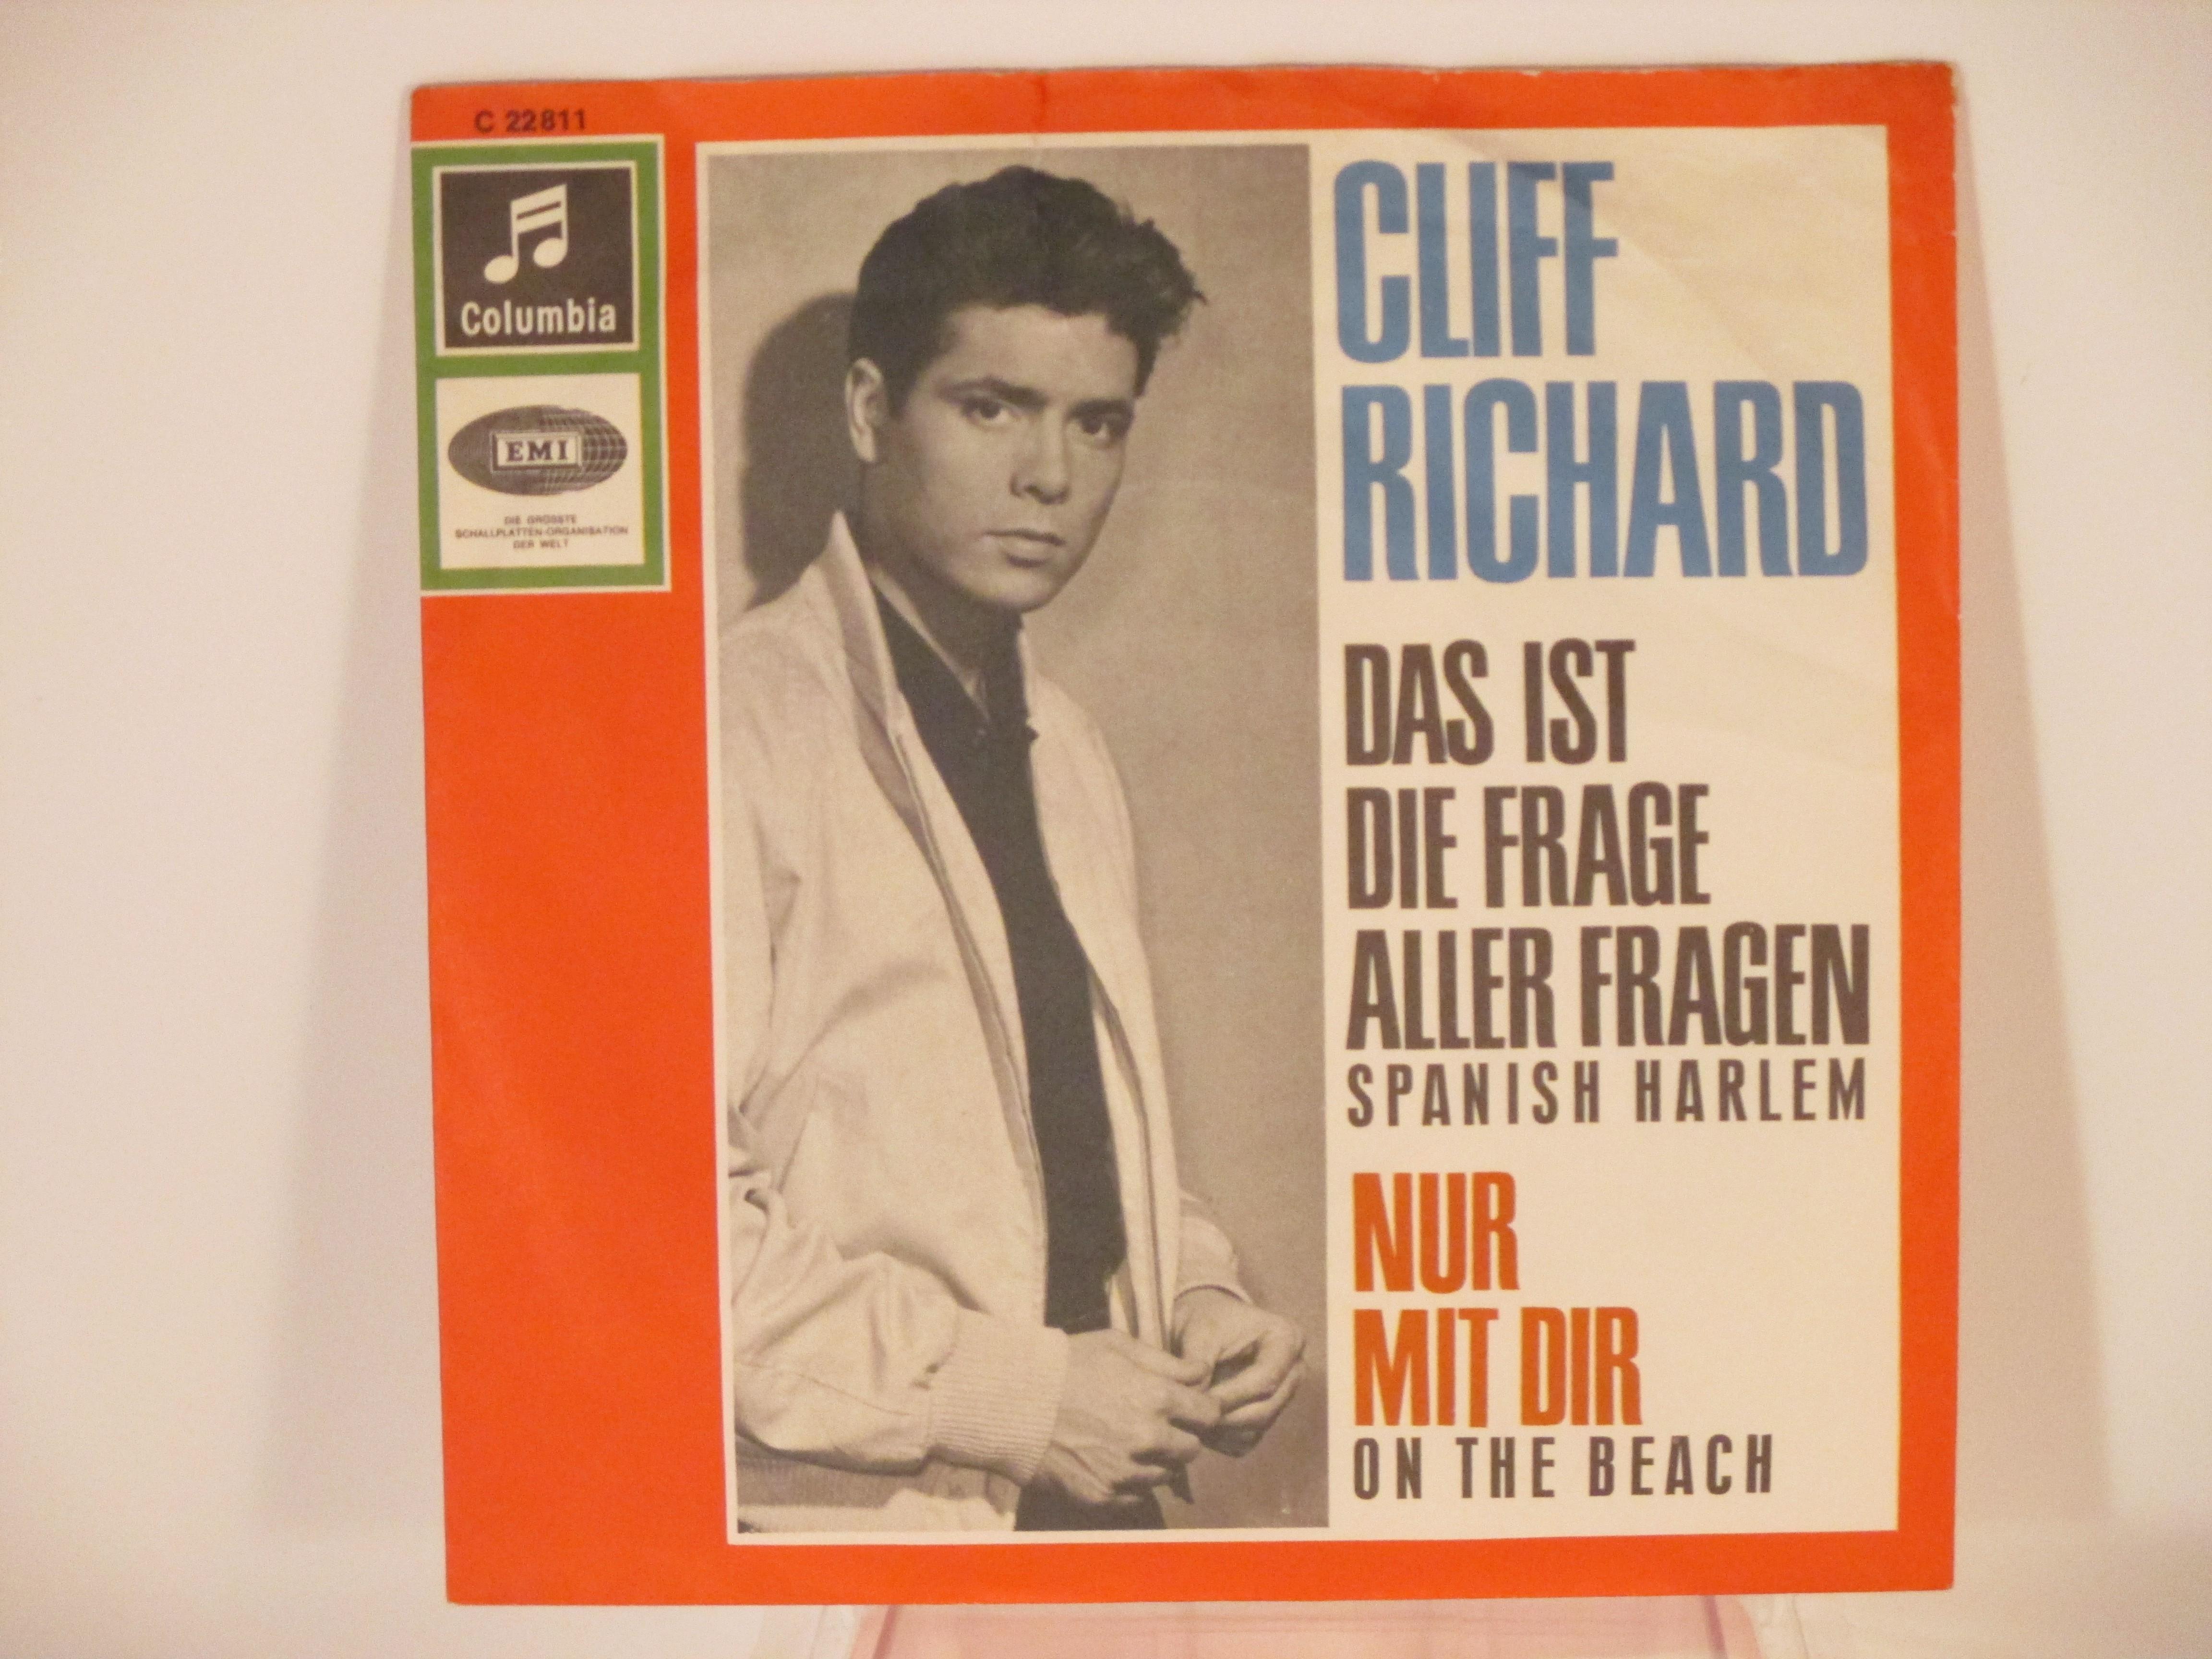 CLIFF RICHARD : Das ist die frage aller fragen (= Spanish harlem) / Nur mit dir (= On the beach)